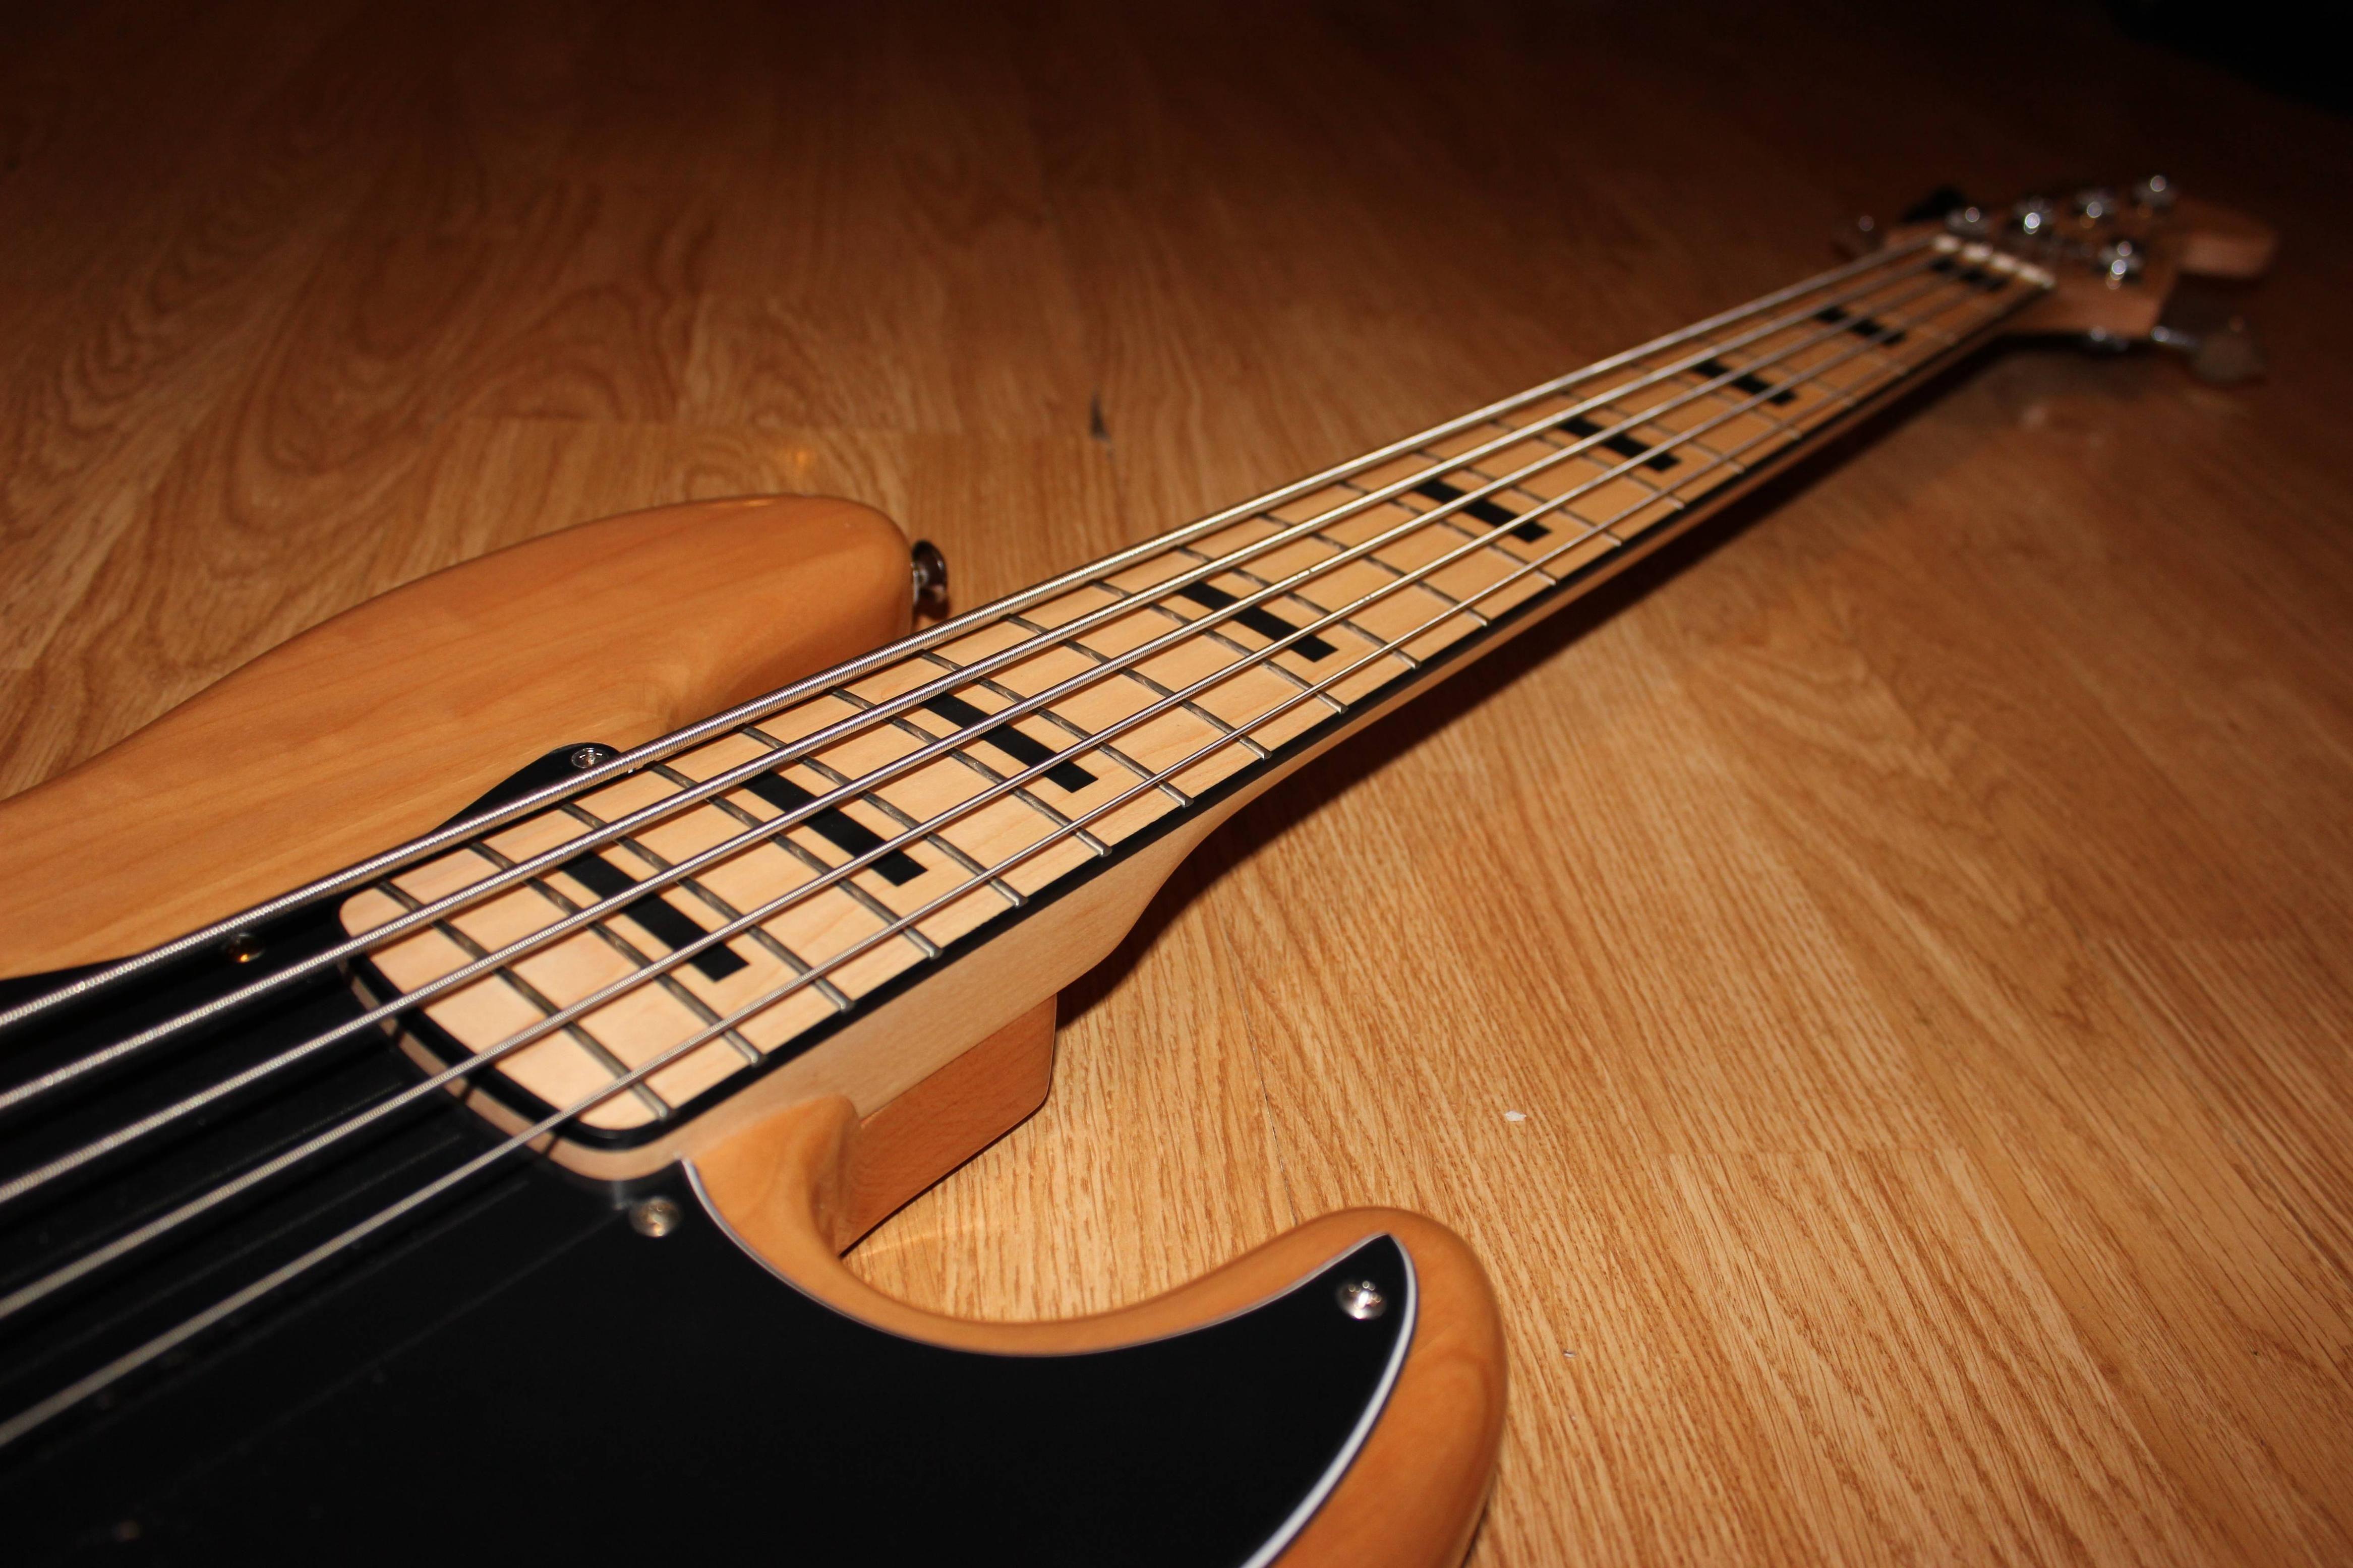 Bass Wallpapers High Quality Bass guitar Learn bass guitar Guitar 4666x3110